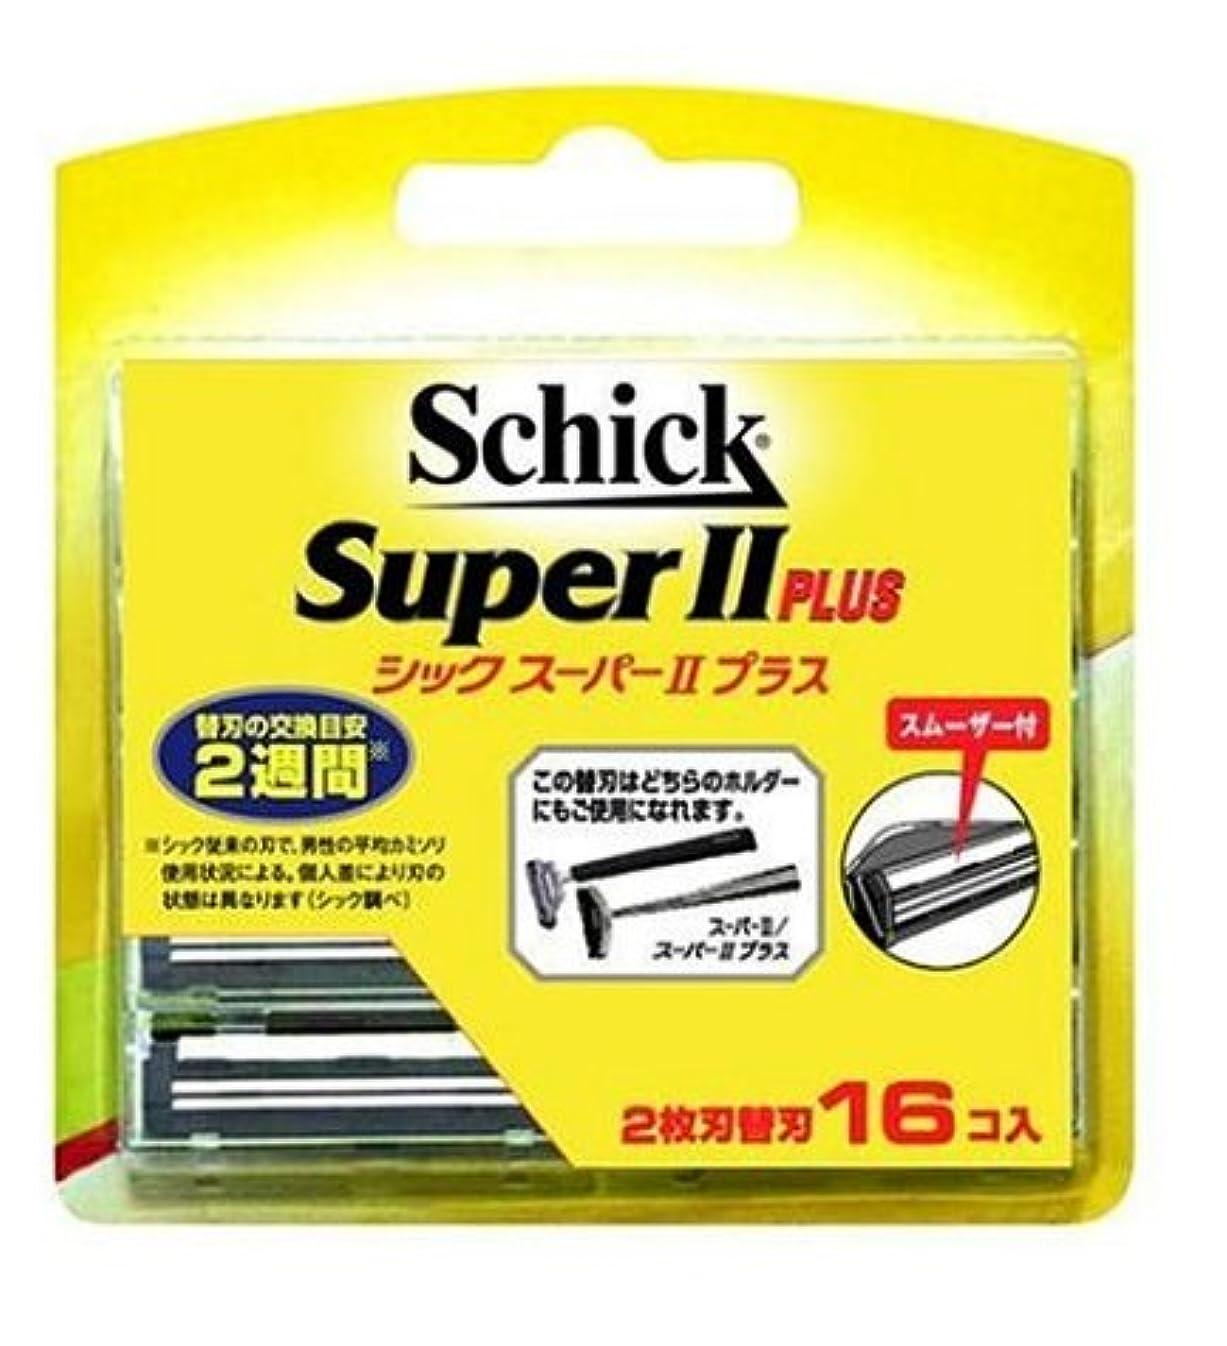 やむを得ない健全に関してシック スーパーIIプラス 替刃16コ入り